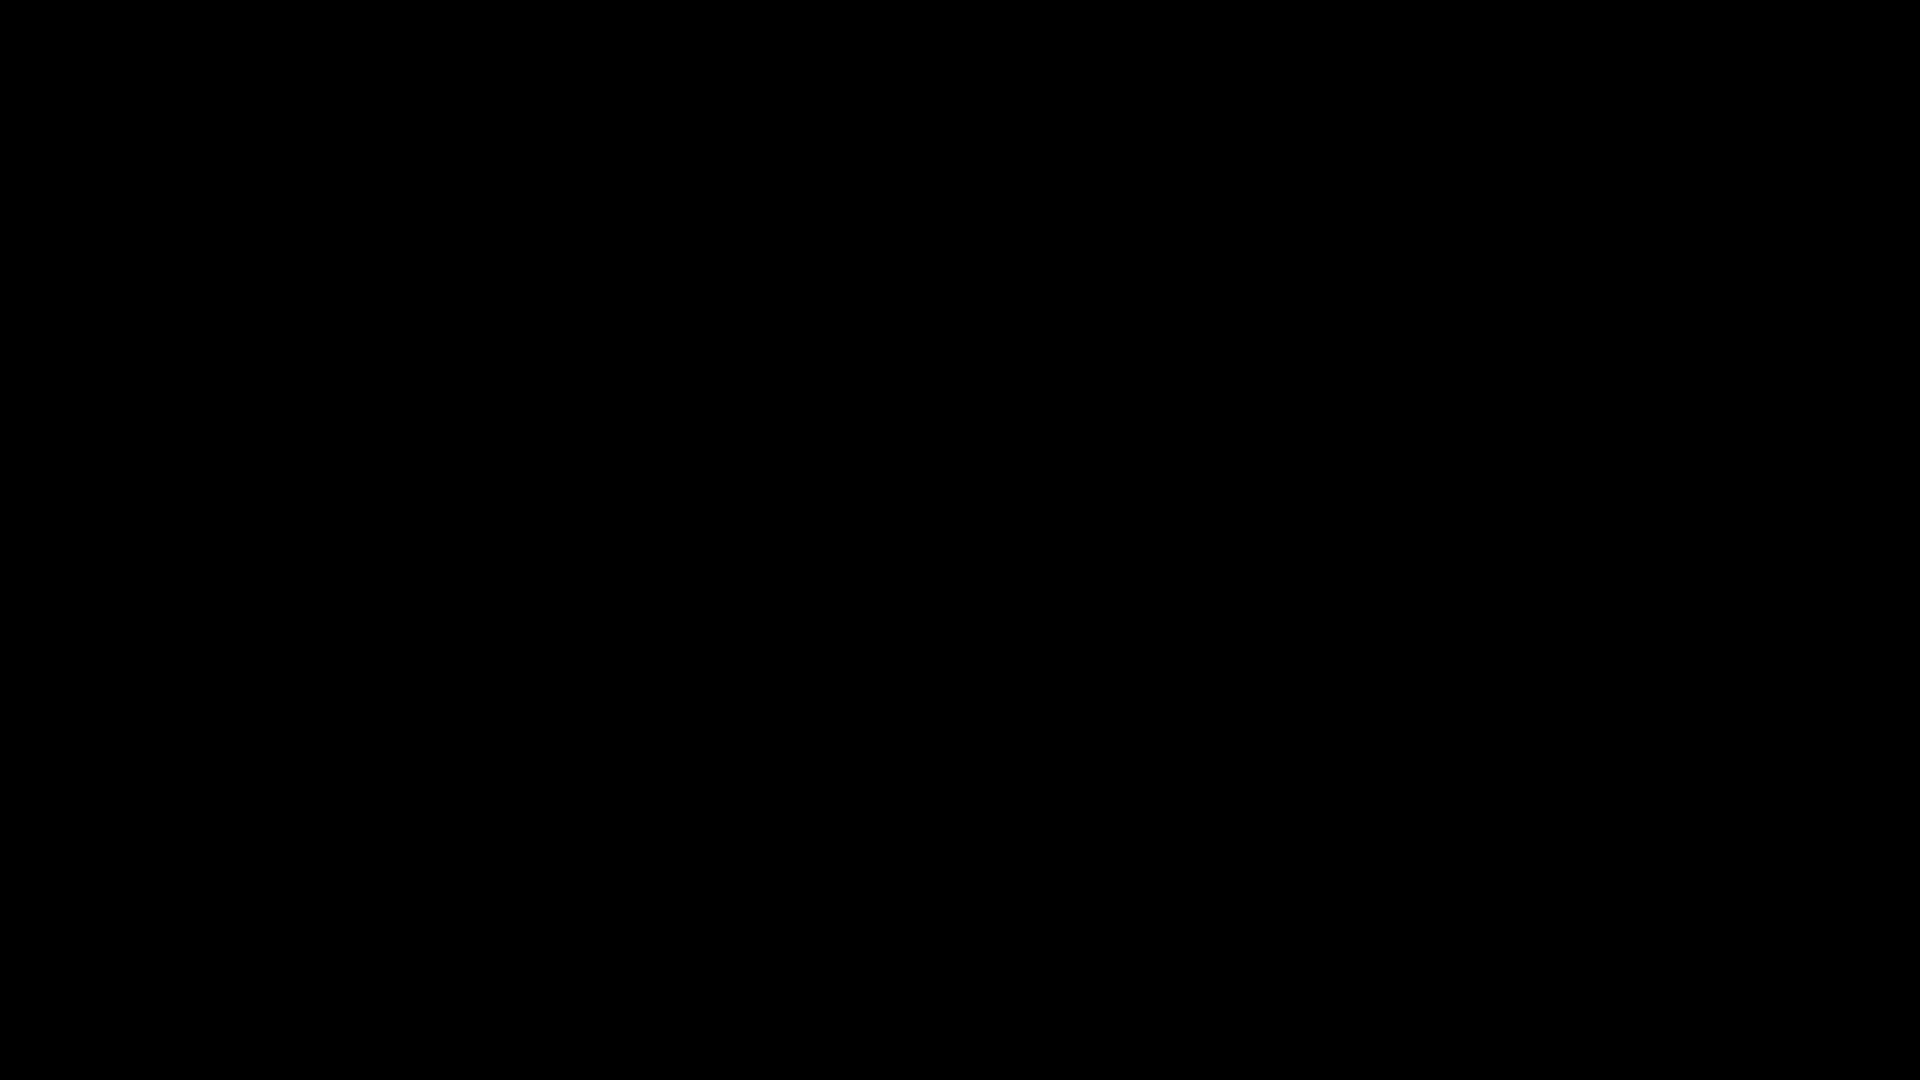 高画質露天女風呂観察 vol.032 ギャル入浴 SEX無修正画像 101連発 19